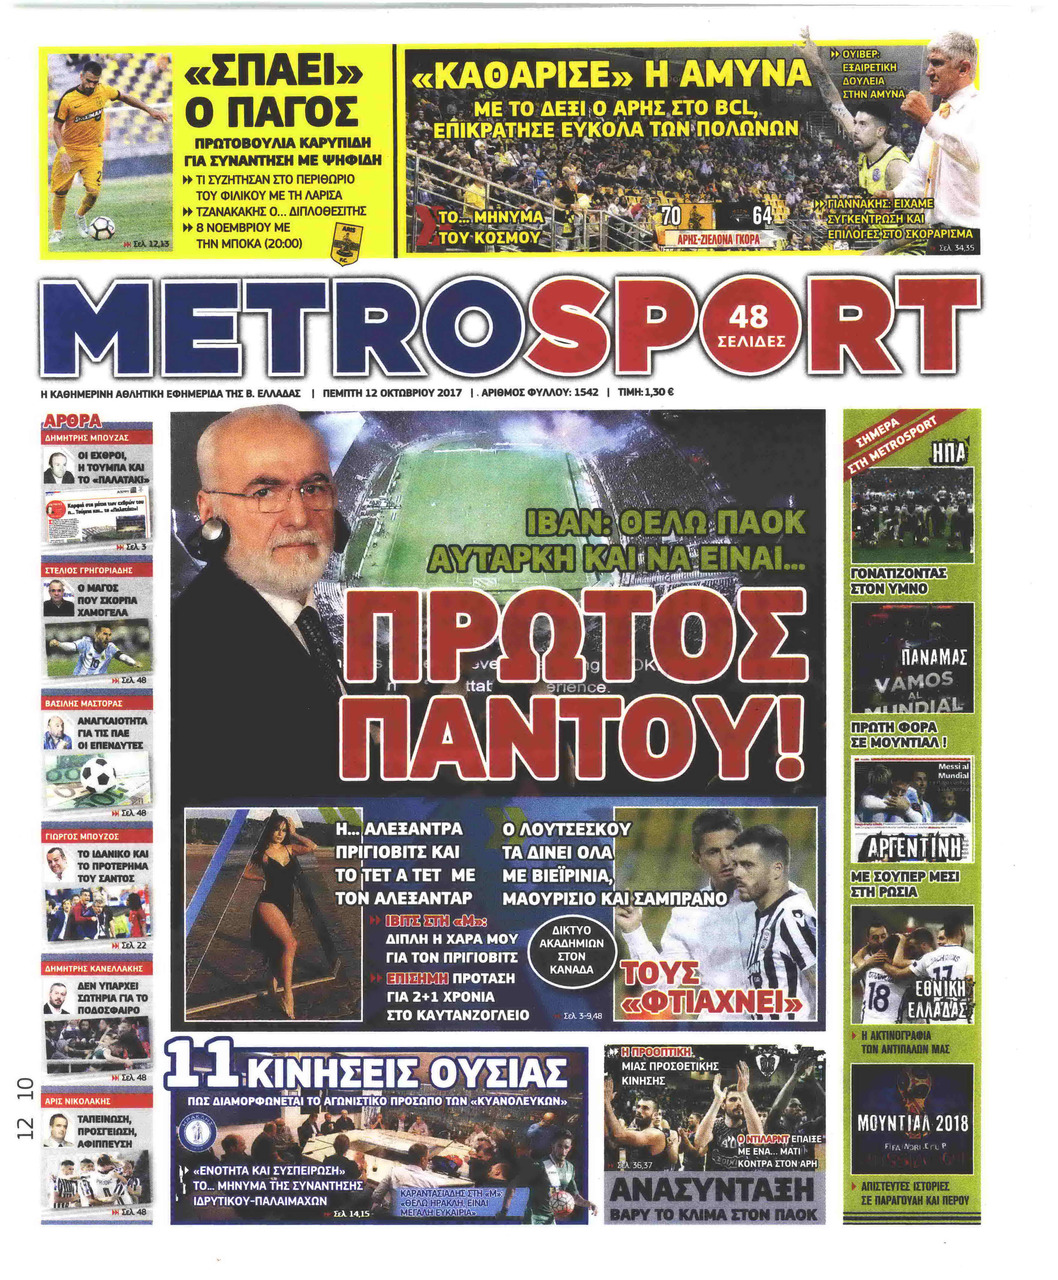 Πρωτοσέλιδο εφημερίδας ��etrosport